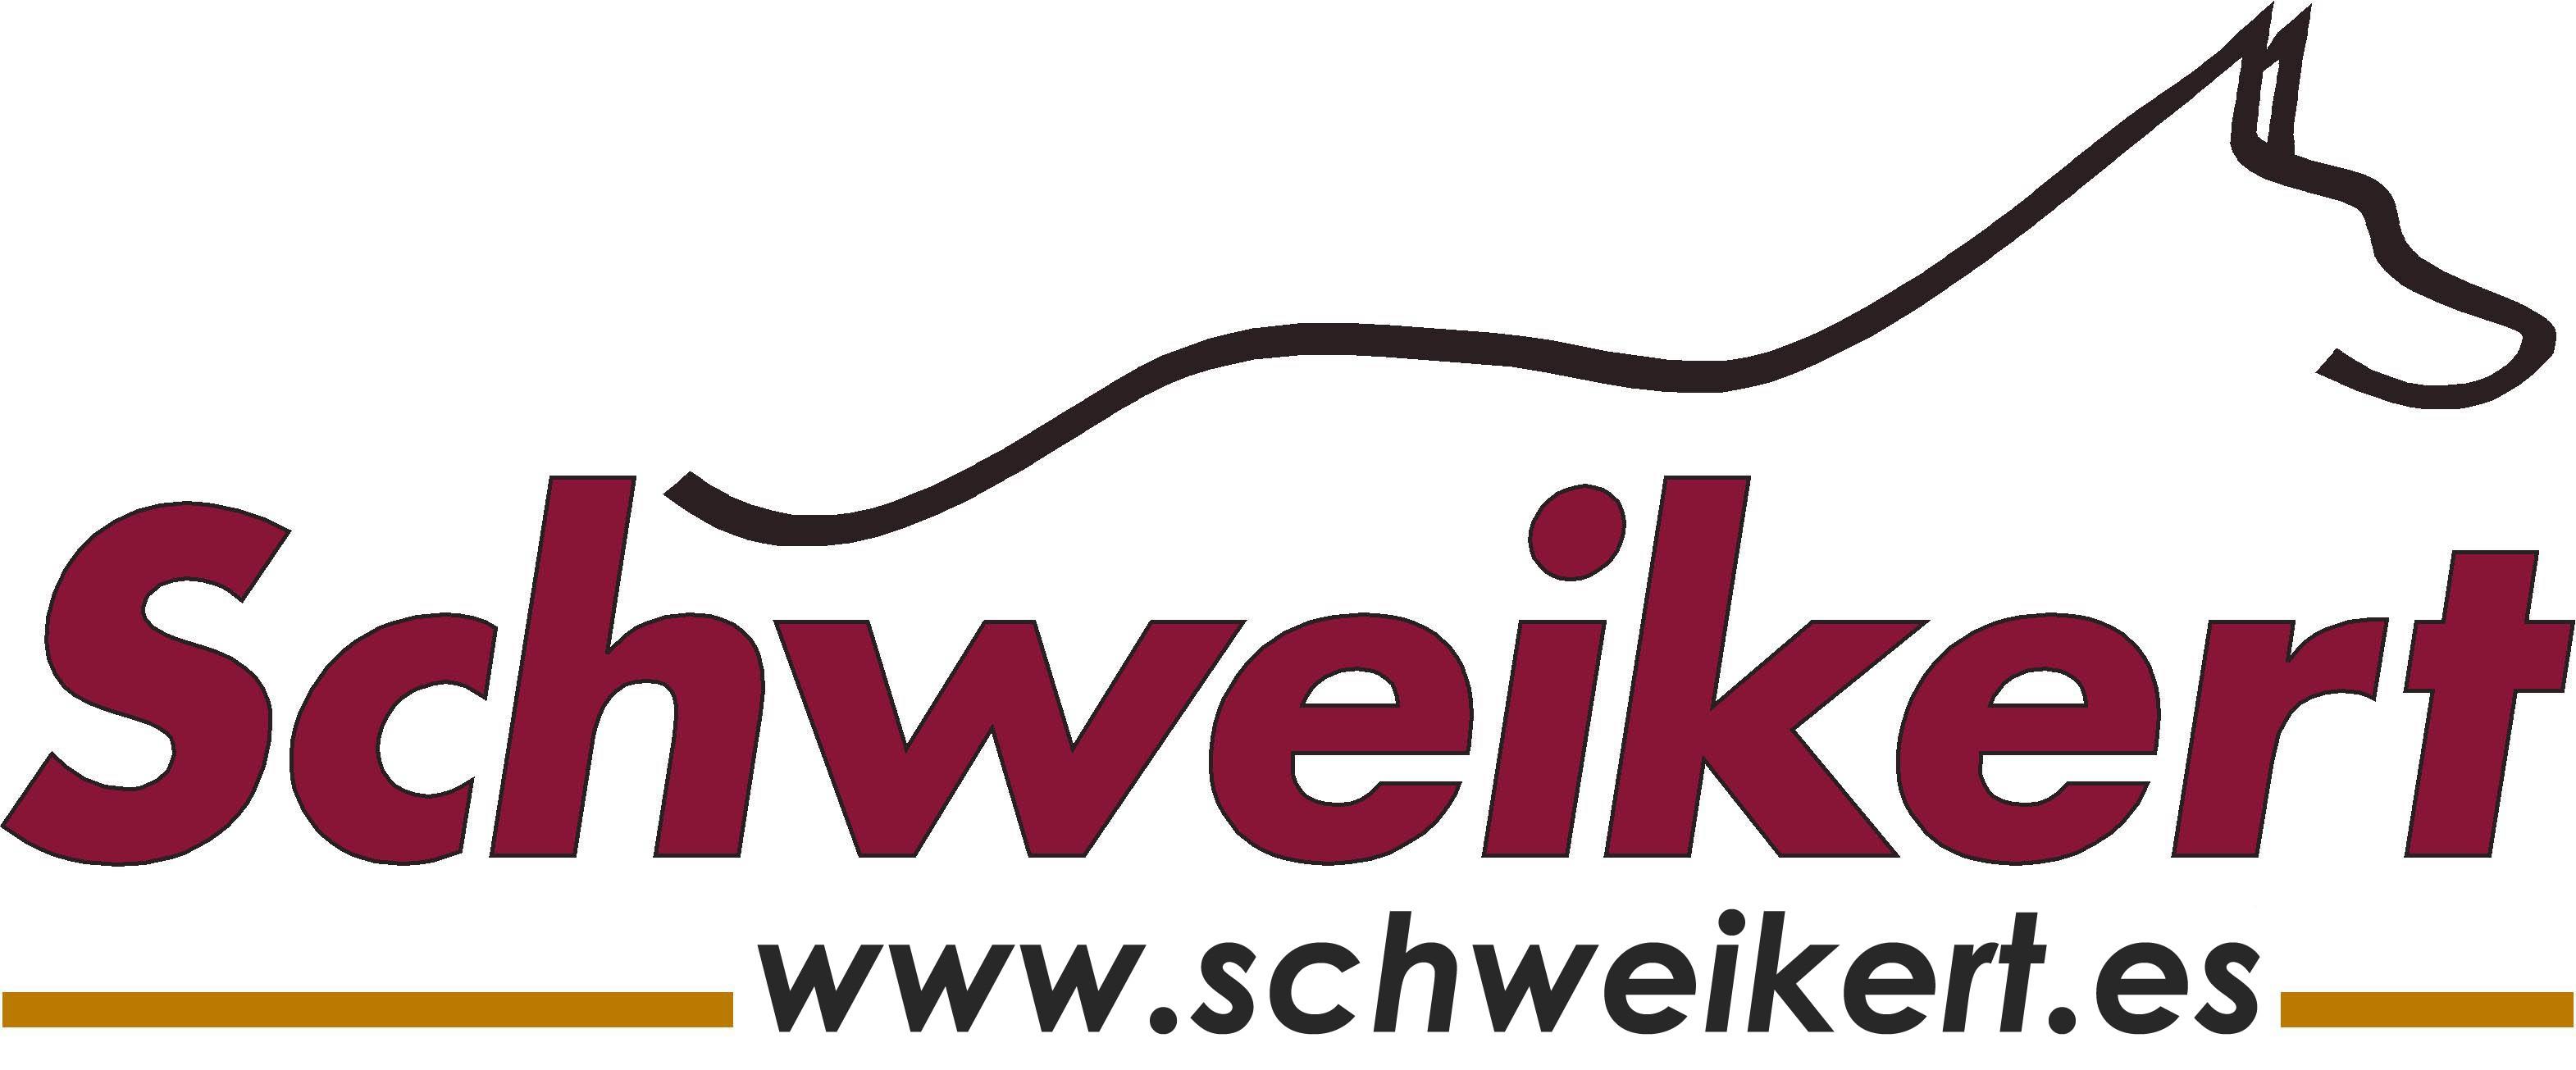 Schweikert